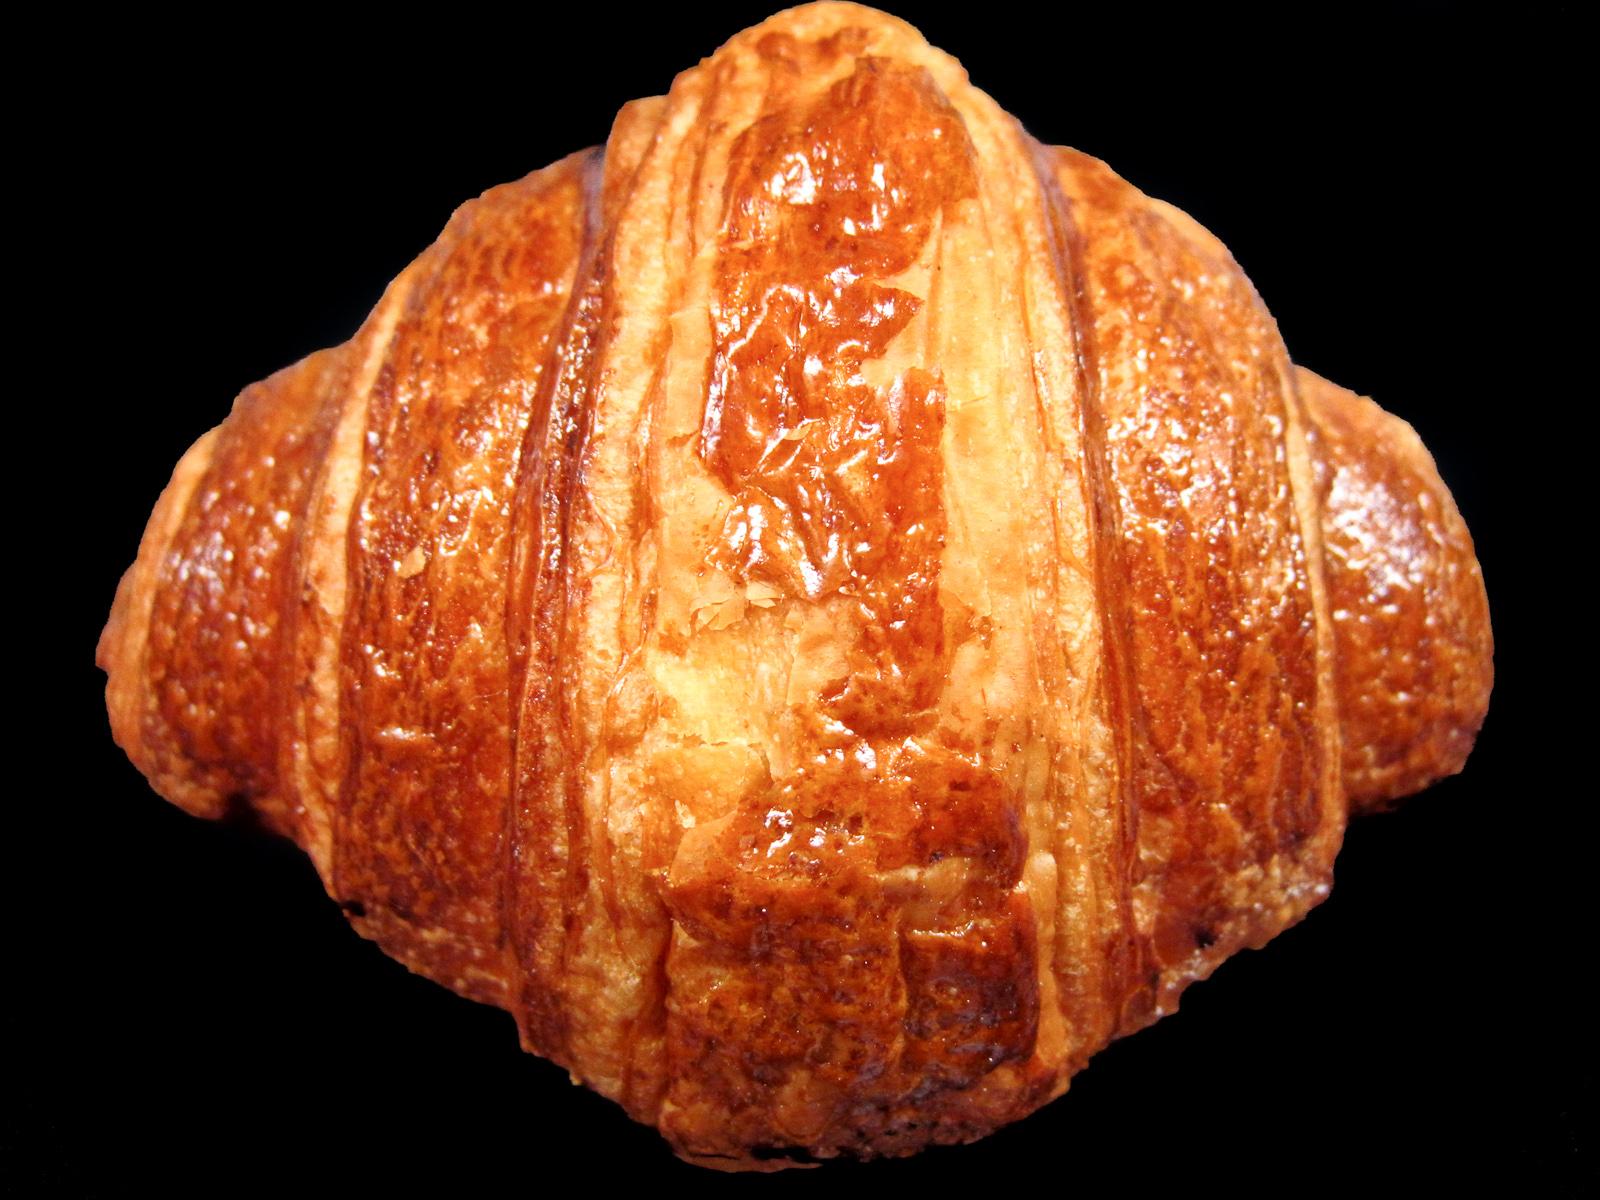 Frédéric Comyn - Croissant Exterior